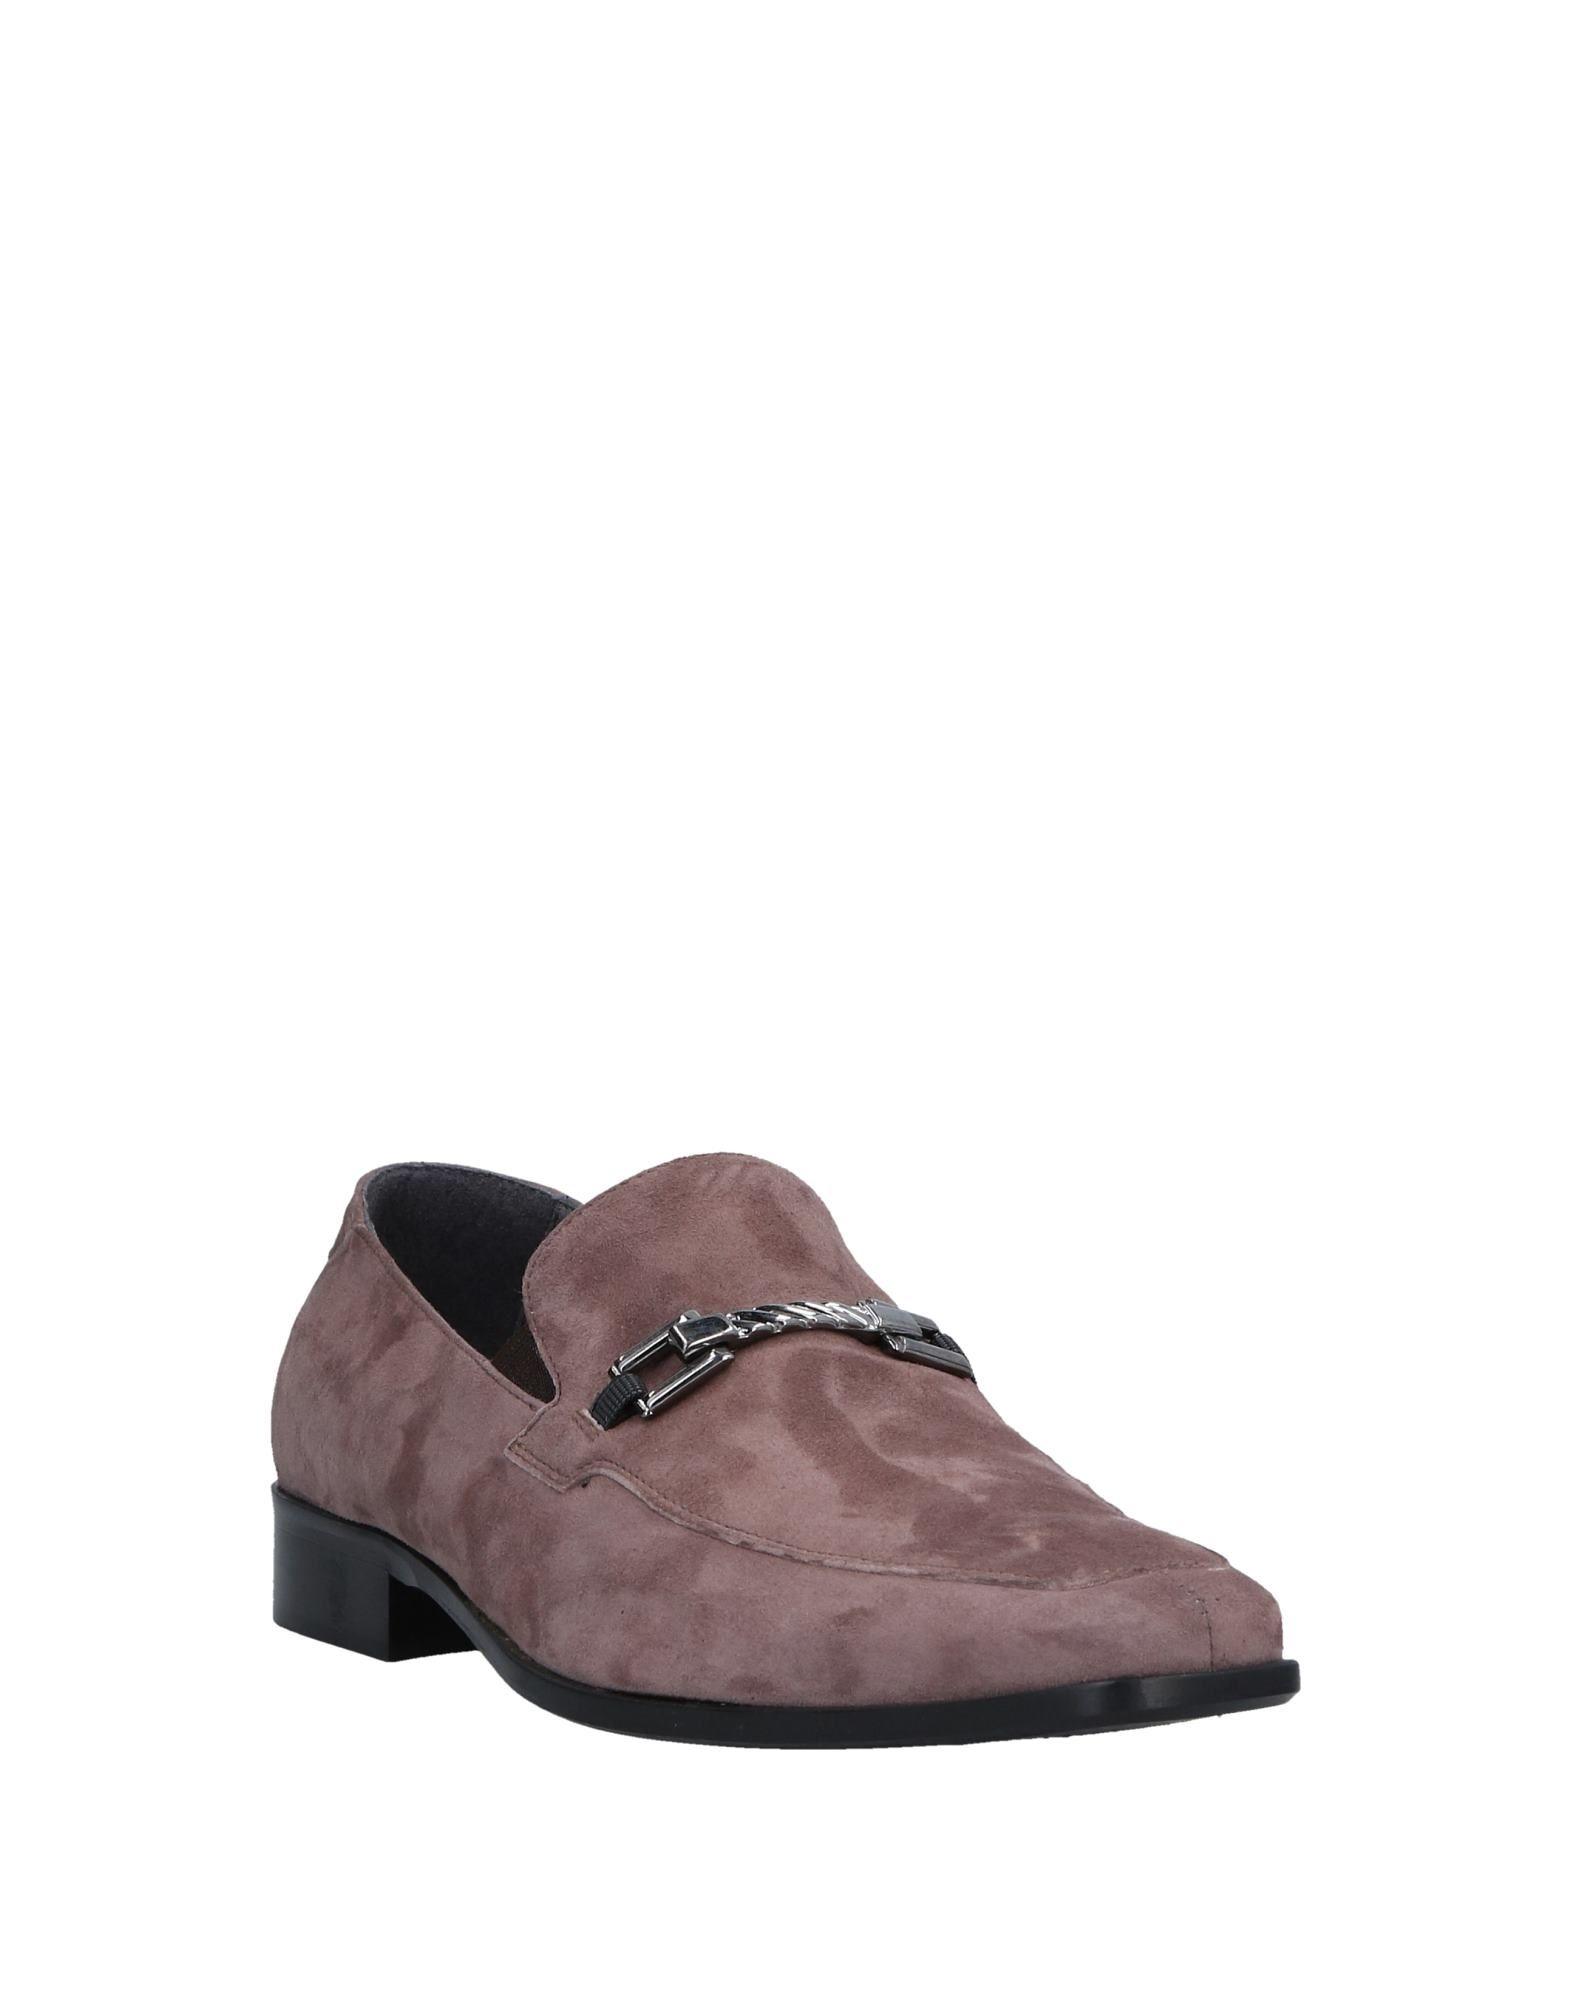 Rabatt echte Schuhe Antonio Crisci 11534911IC Mokassins Herren  11534911IC Crisci 6c18c9